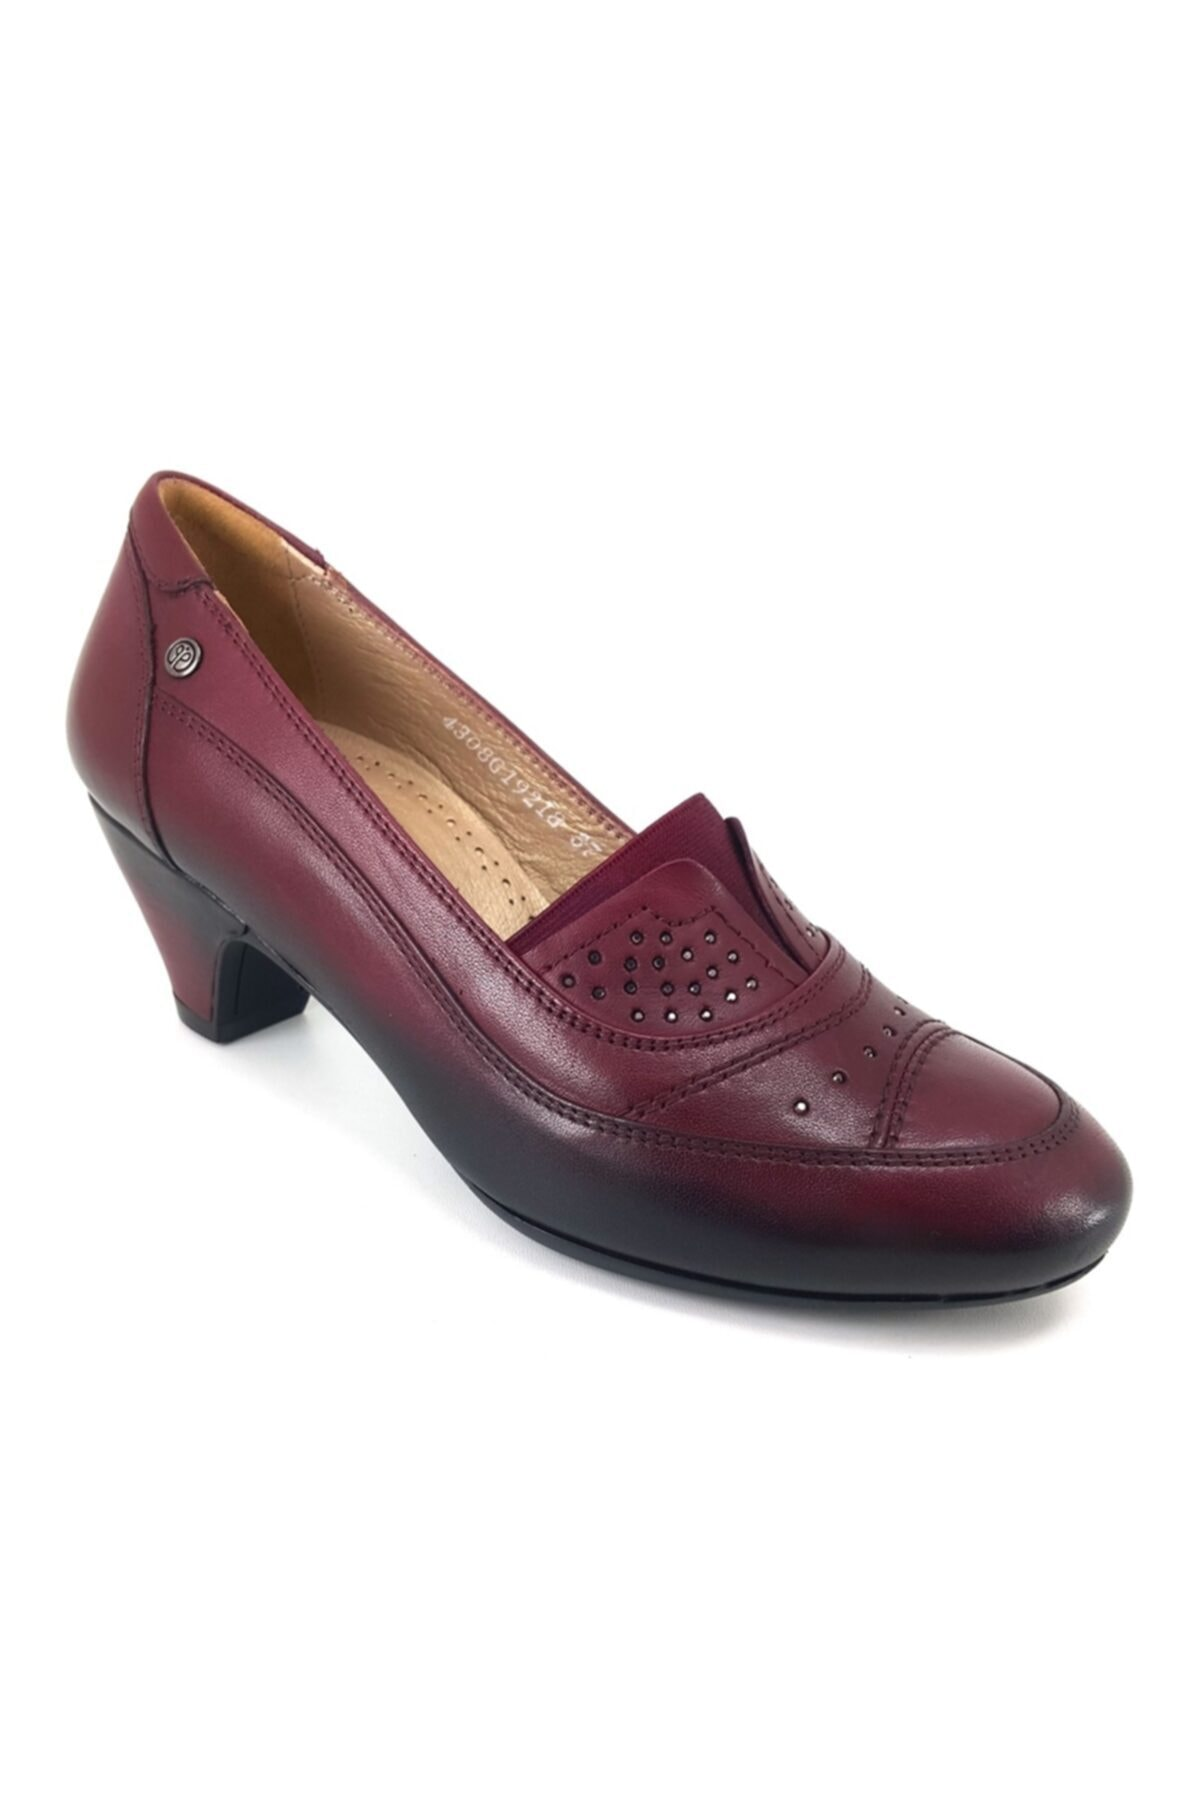 Forelli 19218 Ortopedik Günlük Bayan Ayakkabı 1